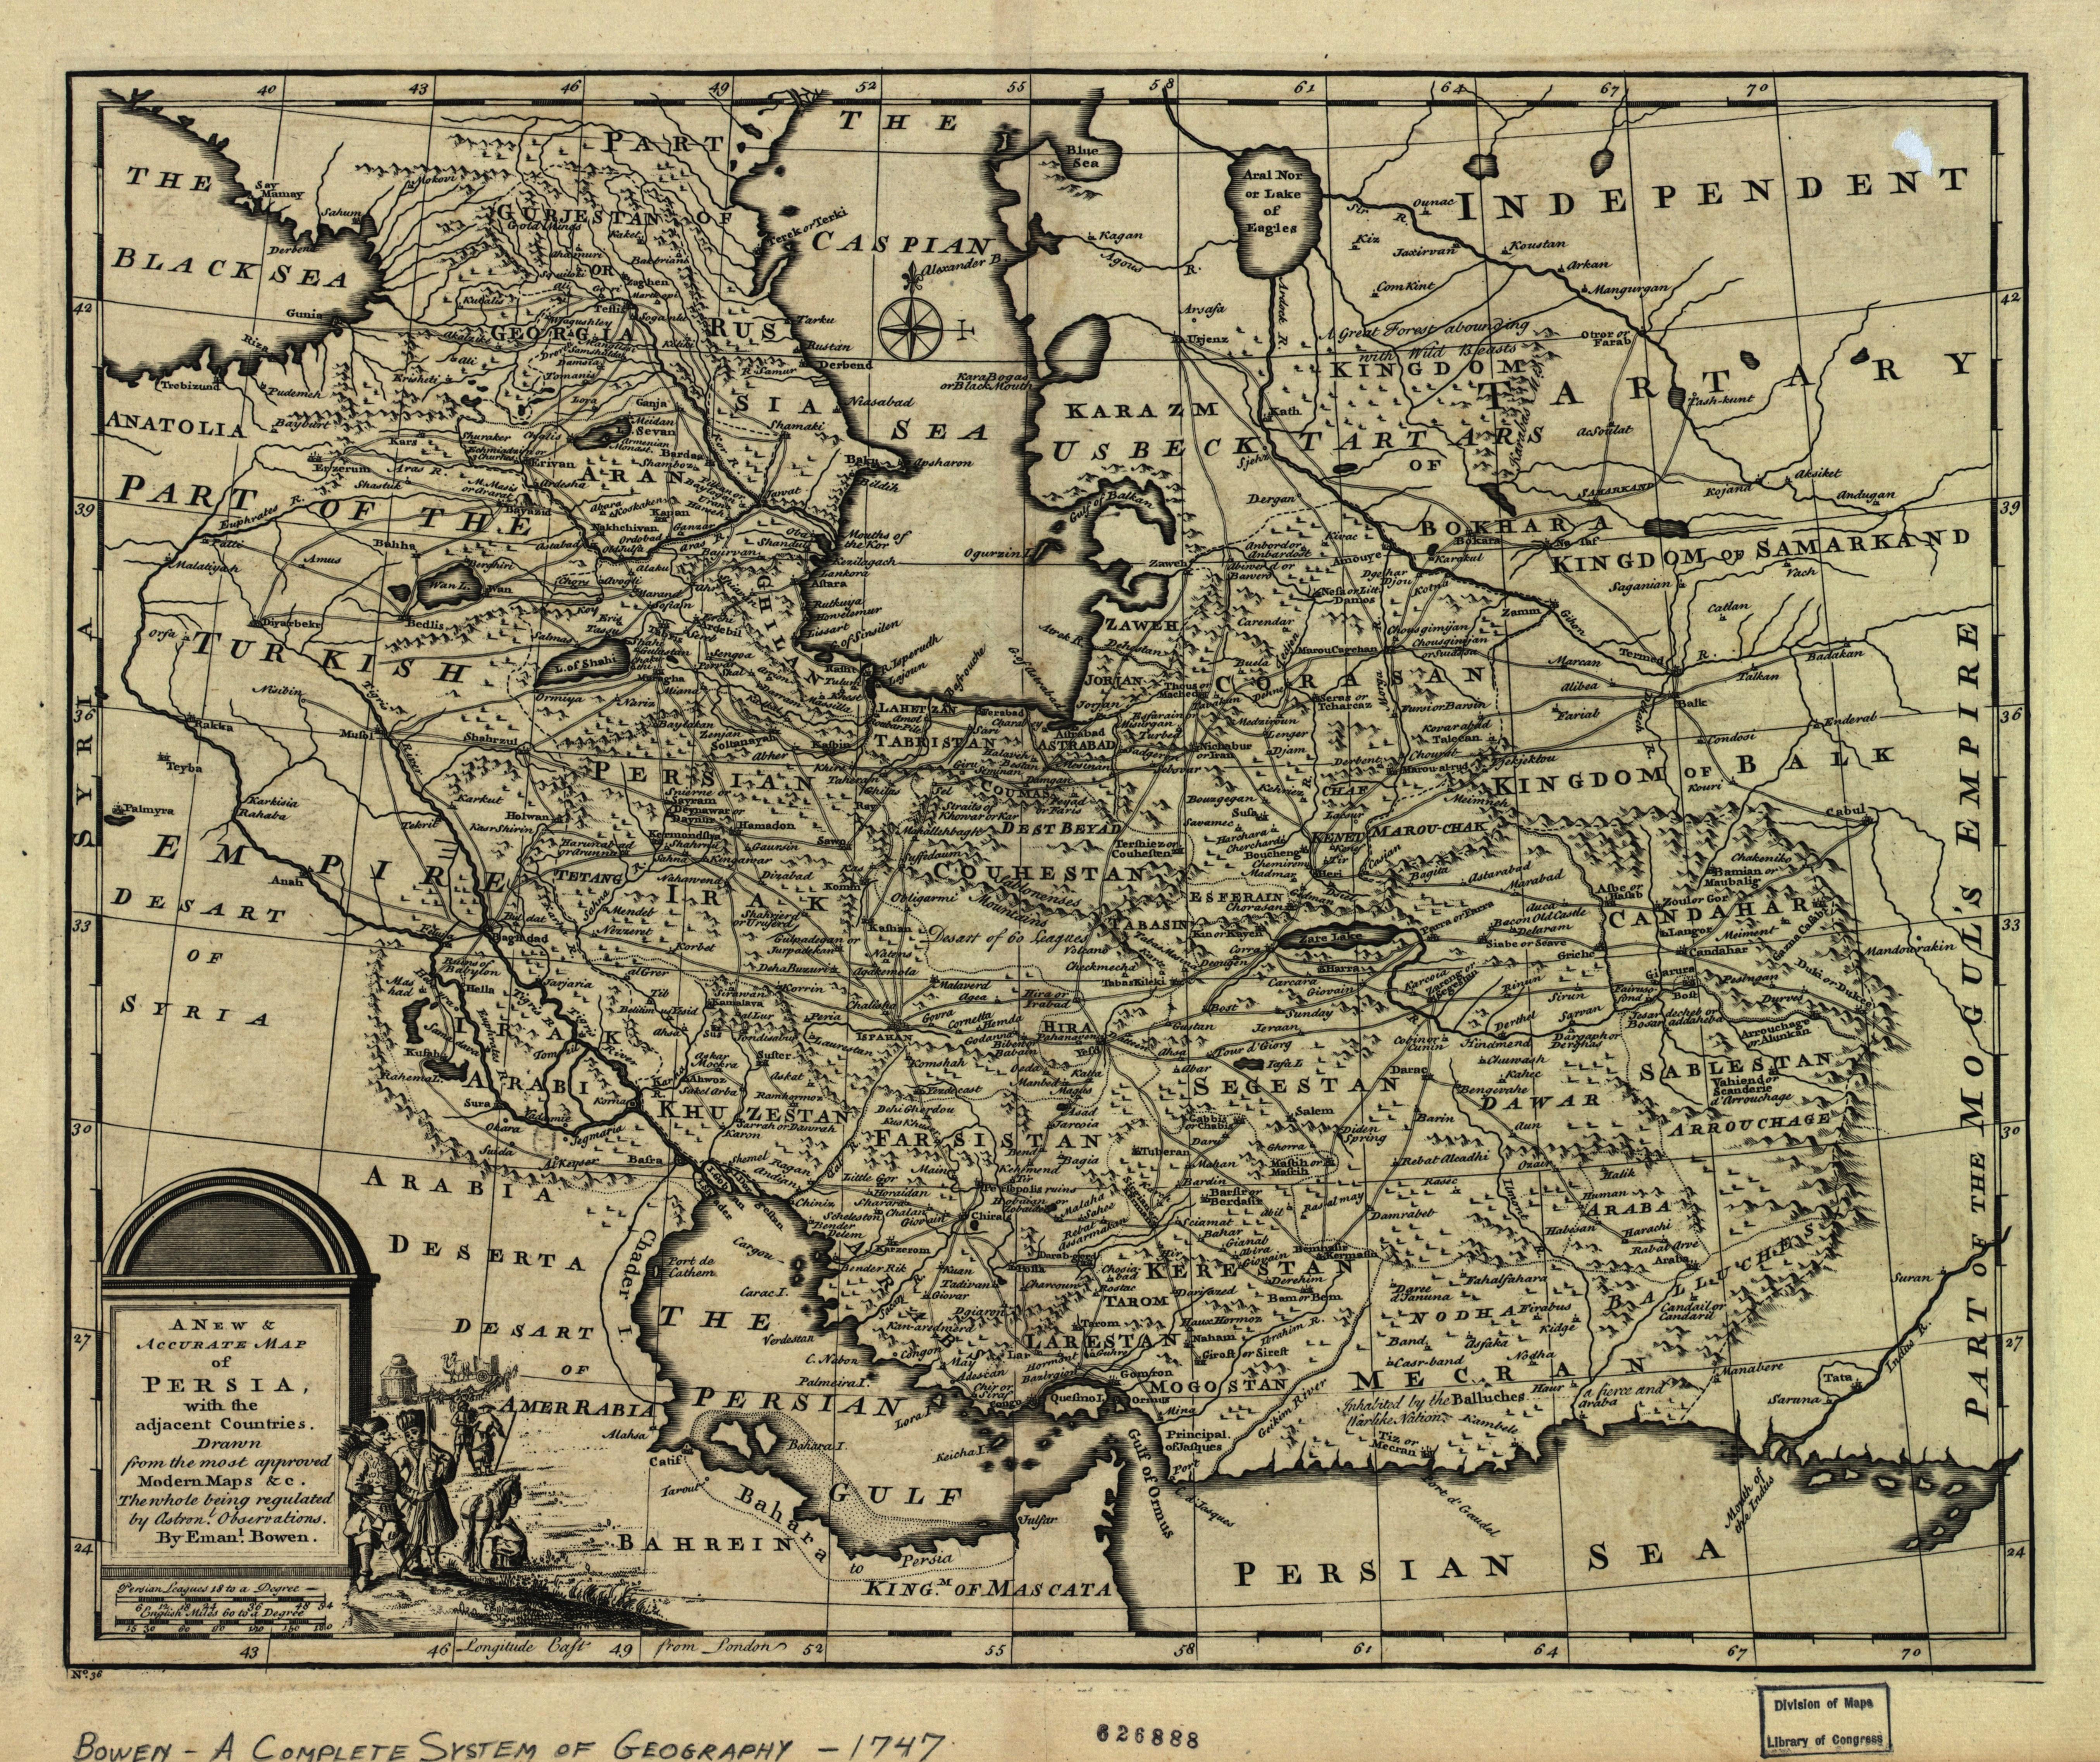 Persian Empire: File:Persian(IRAN) Empire 1747.jpg